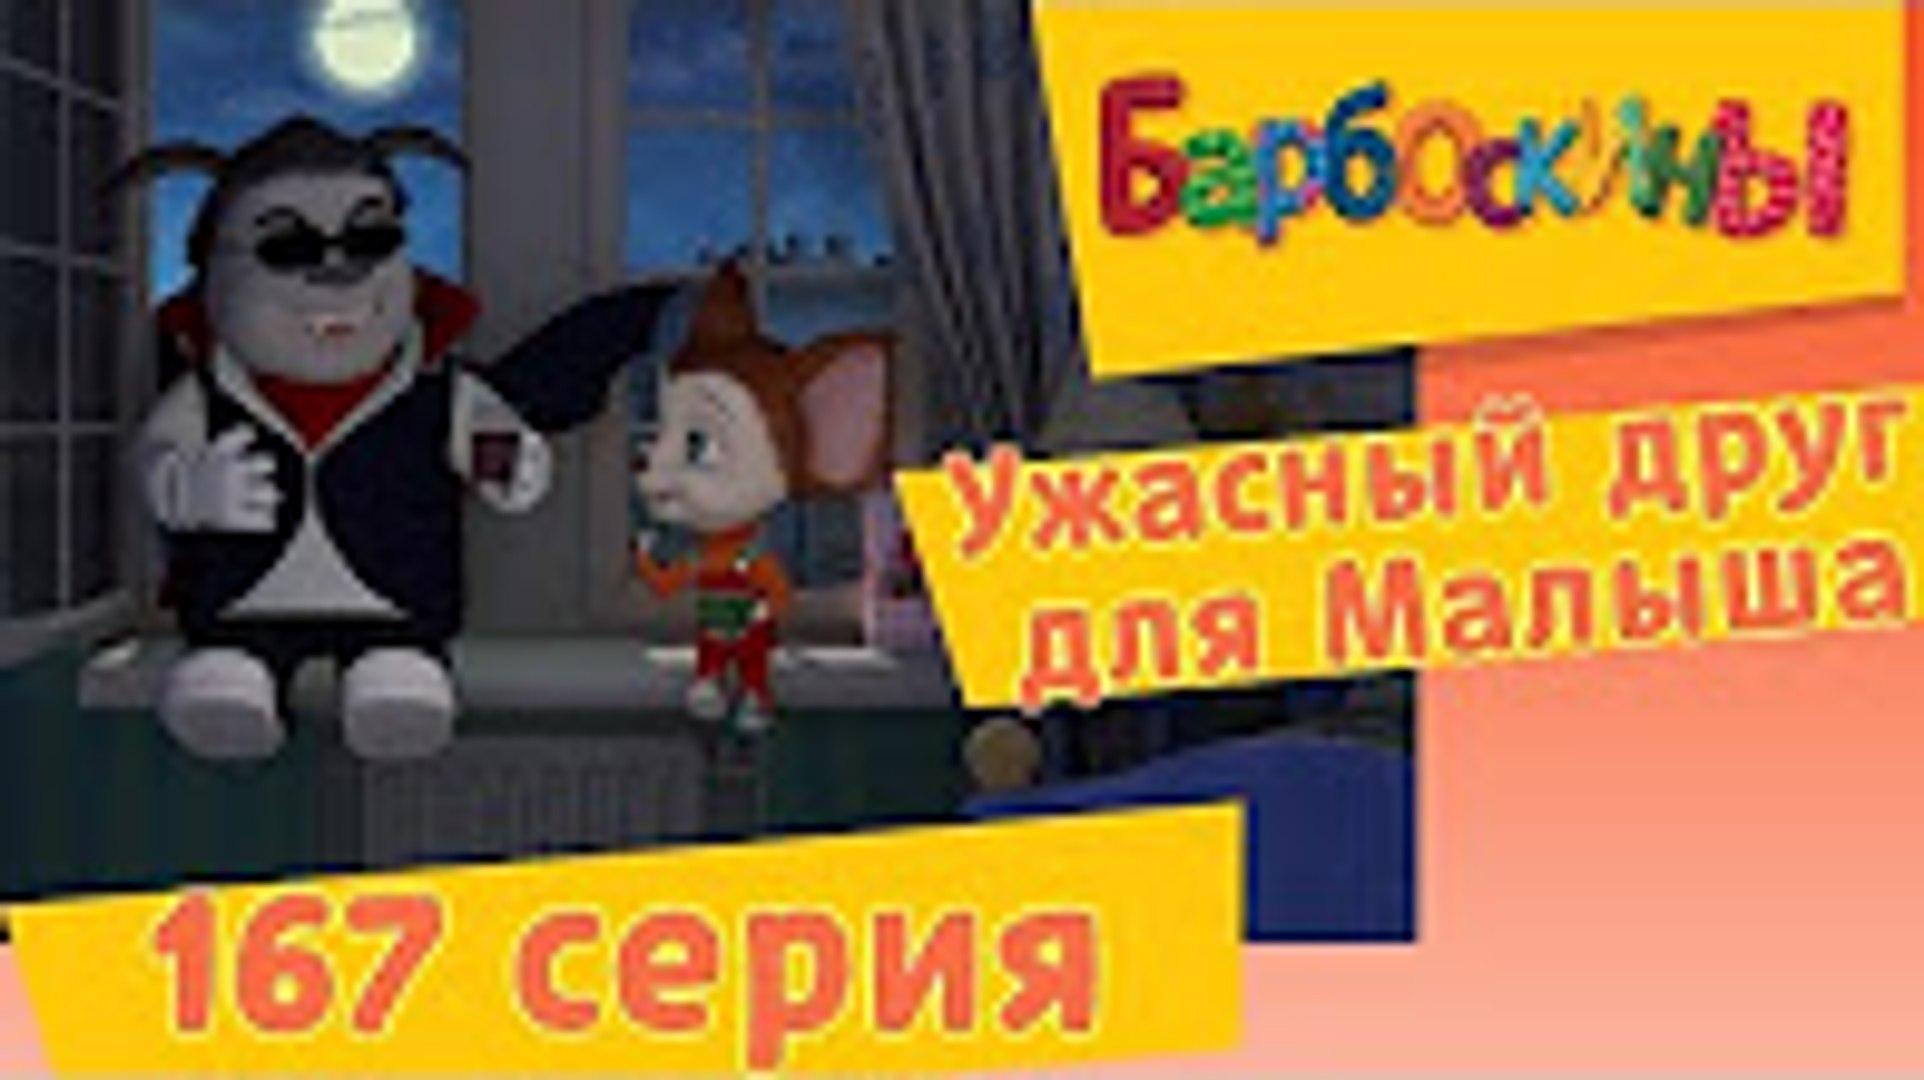 Барбоскины - 167 серия. Ужасный друг Малыша. Новый мультфильм 2016 Новые серии 2016 года Новые серии